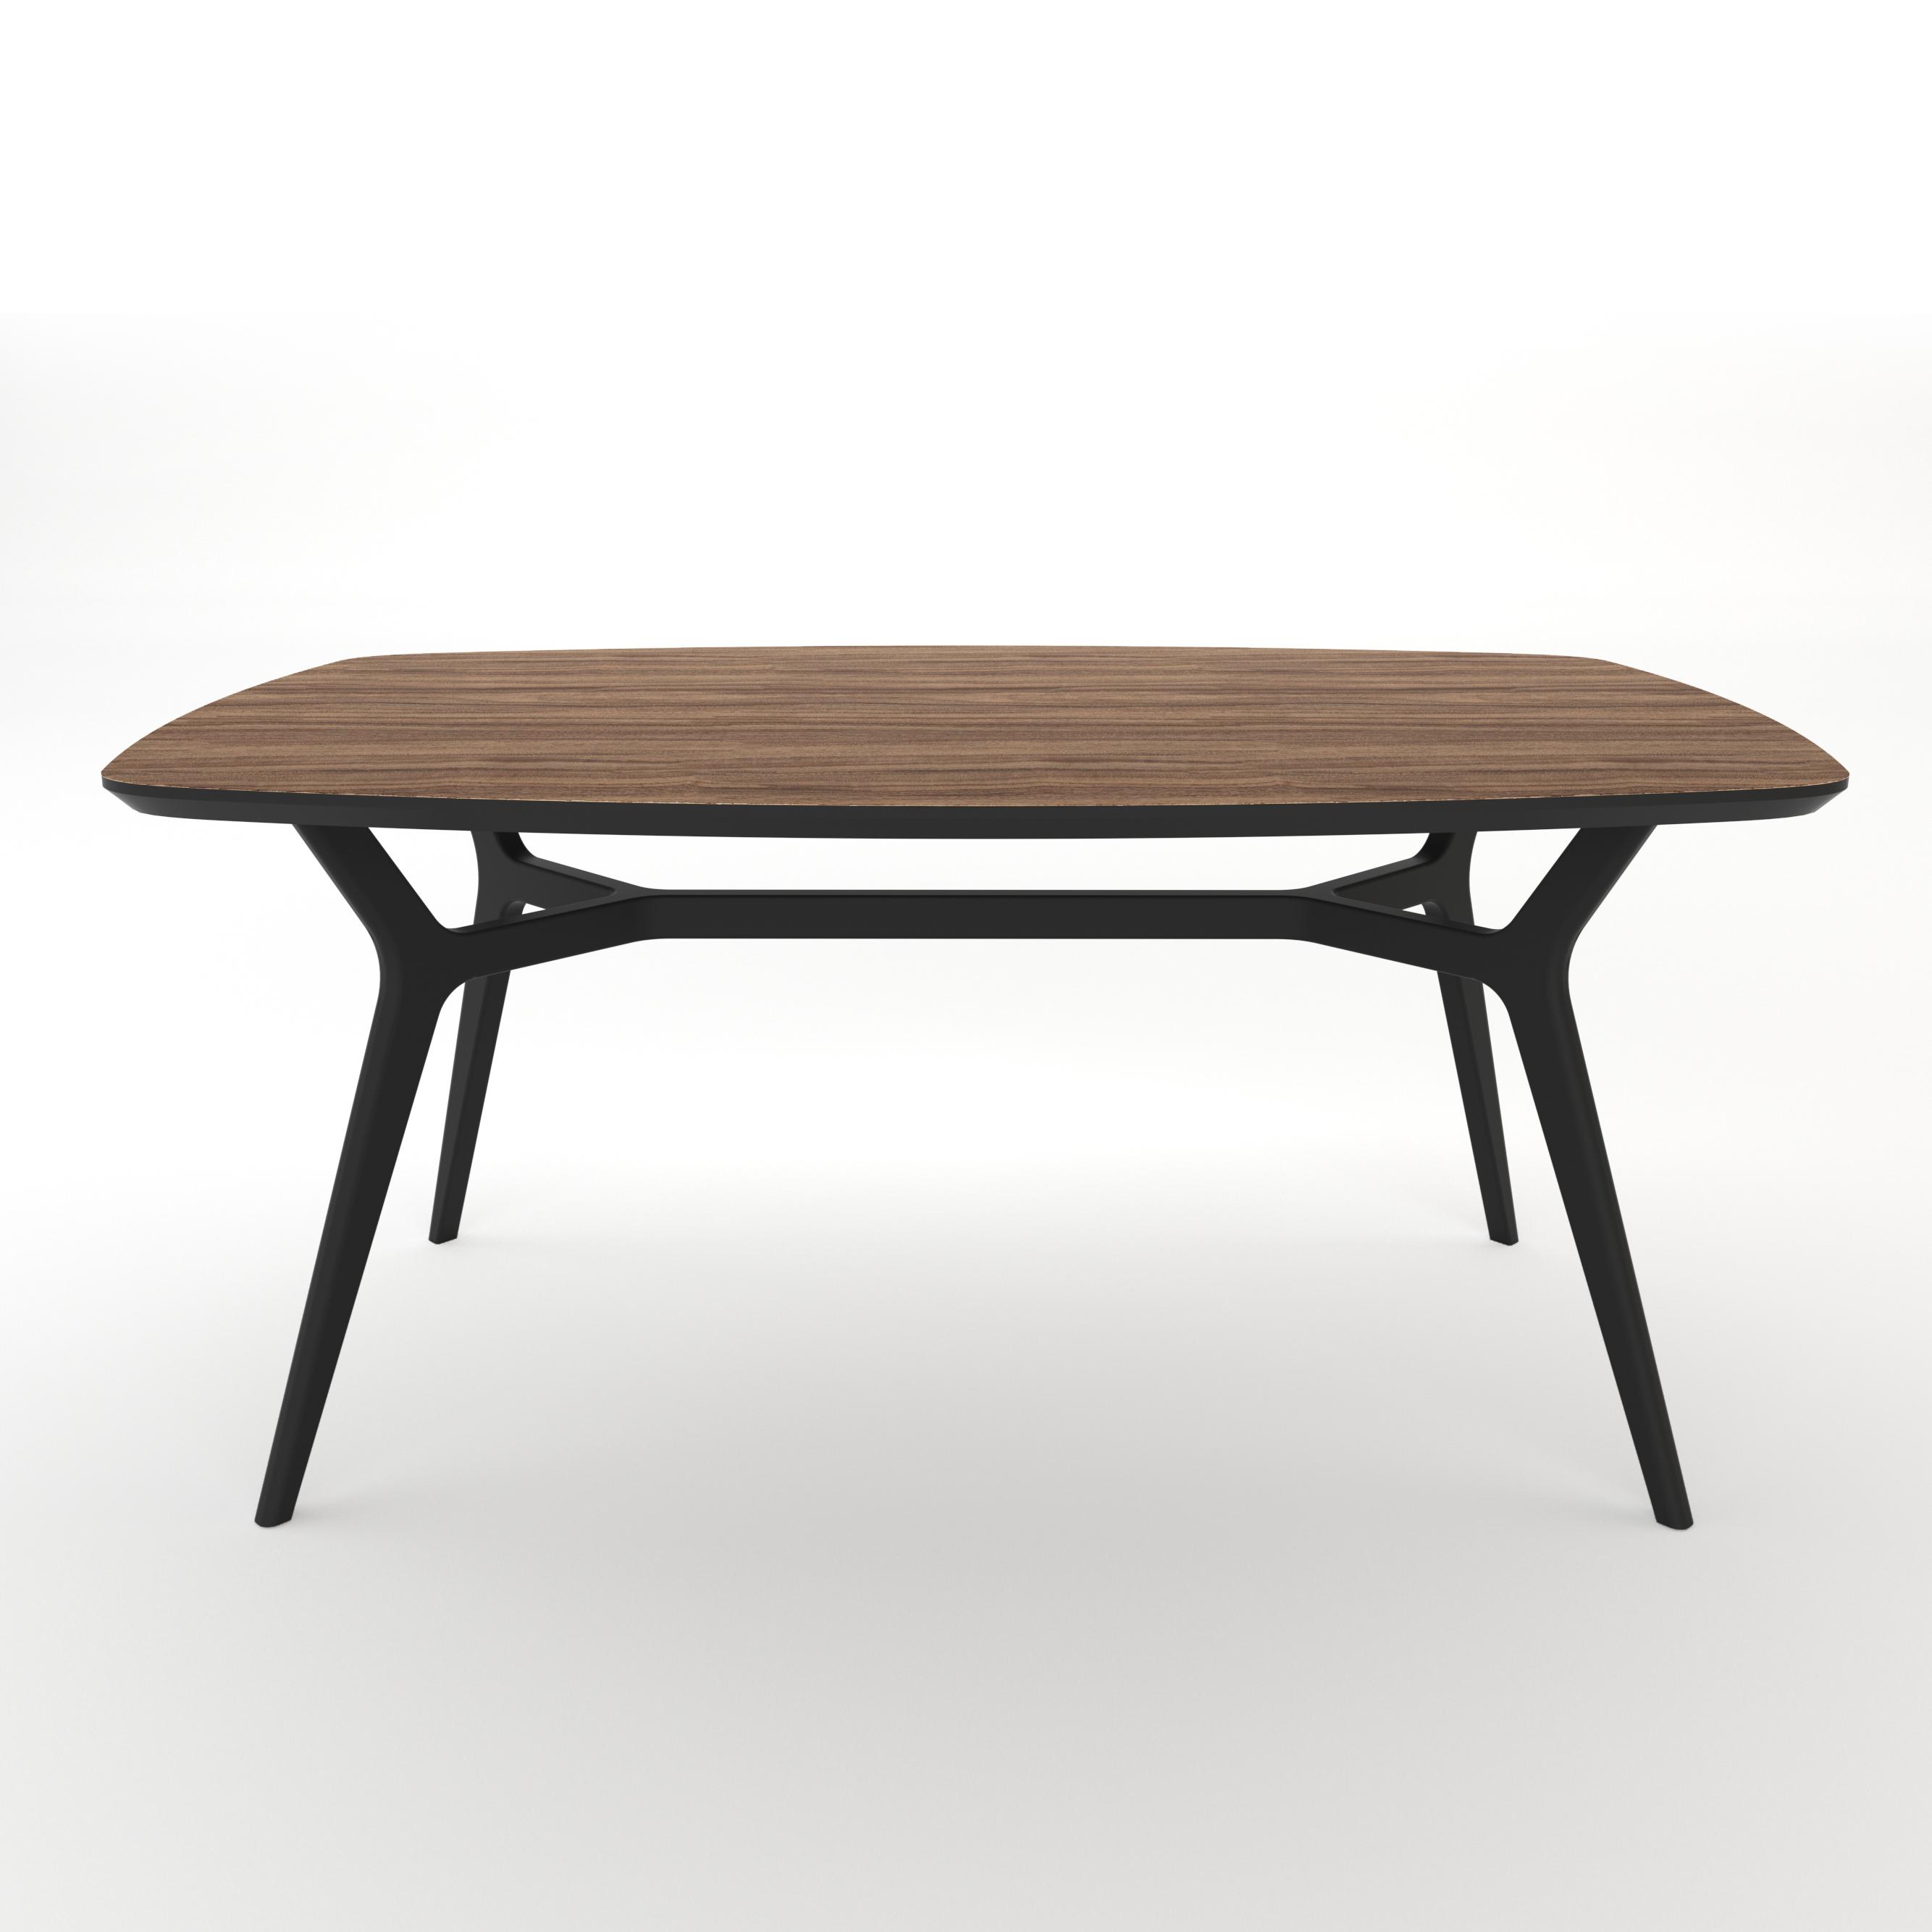 Стол JohannОбеденные столы<br>Тщательная проработка деталей и пропорций стола позволяет ему идеально вписаться в любой интерьер.&amp;amp;nbsp;&amp;lt;div&amp;gt;&amp;lt;br&amp;gt;&amp;lt;/div&amp;gt;&amp;lt;div&amp;gt;Отделка столешницы шпоном ореха, подстолье выкрашено в  цвет графит. Сборка не требуется. &amp;lt;/div&amp;gt;<br><br>Material: МДФ